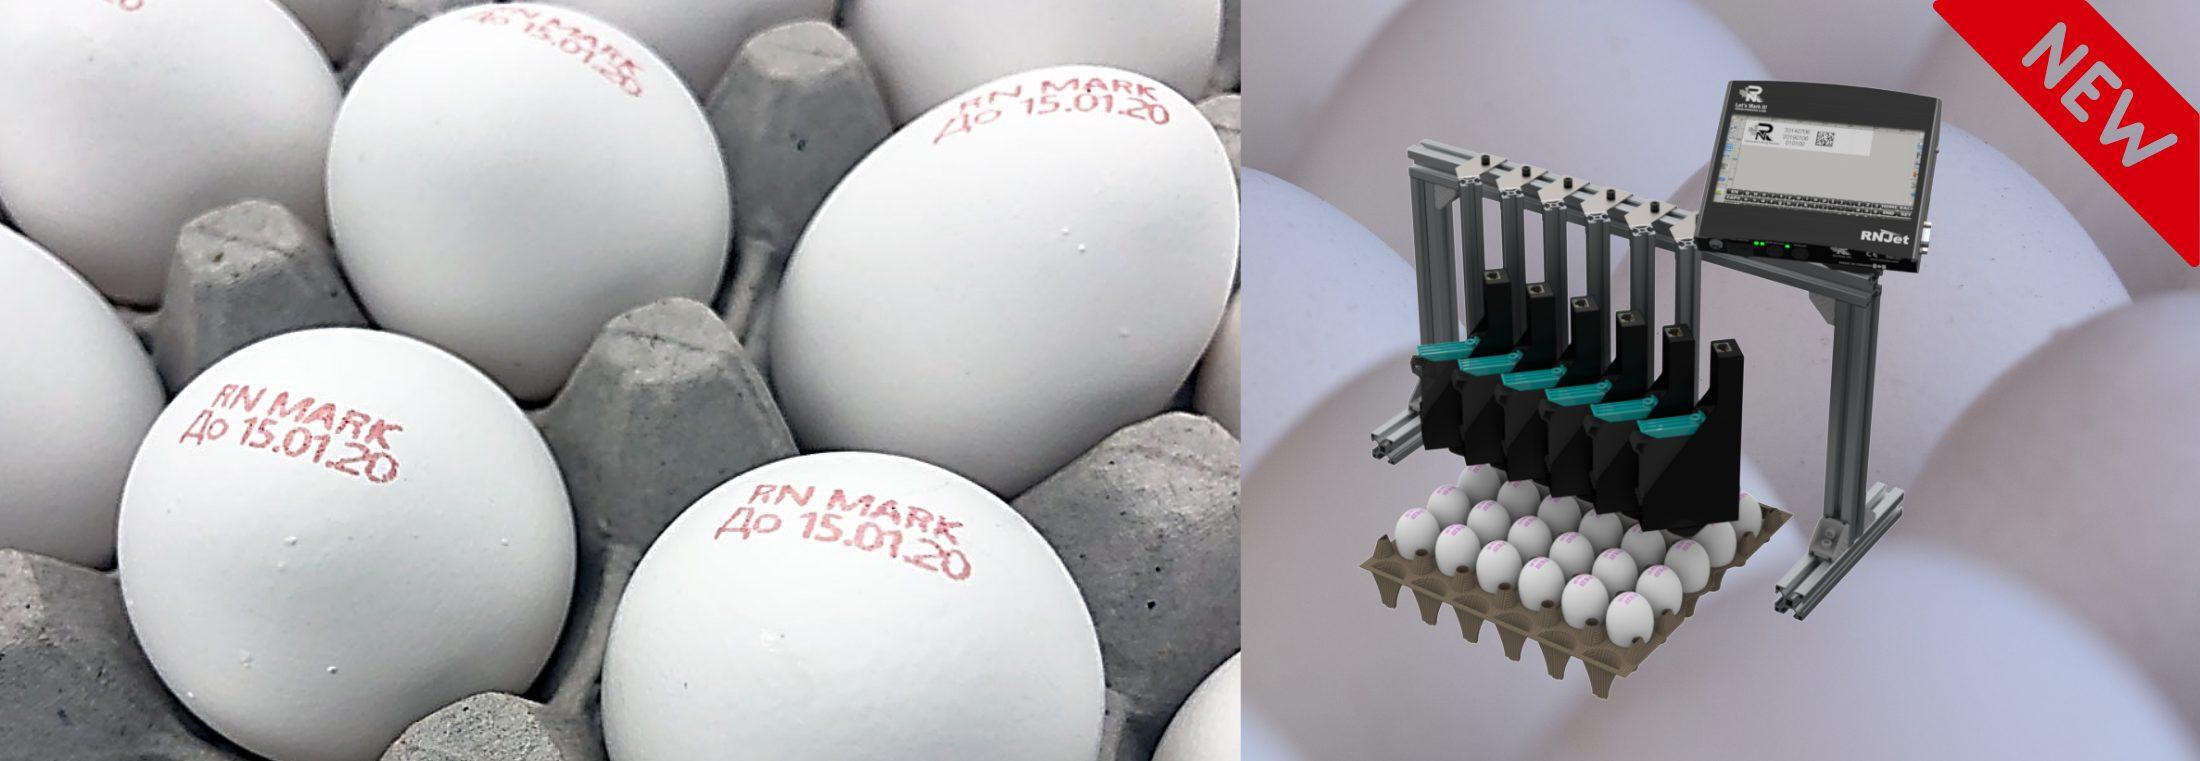 Egg-Printer-RNJET EP-6H- Marking-on-Eggs